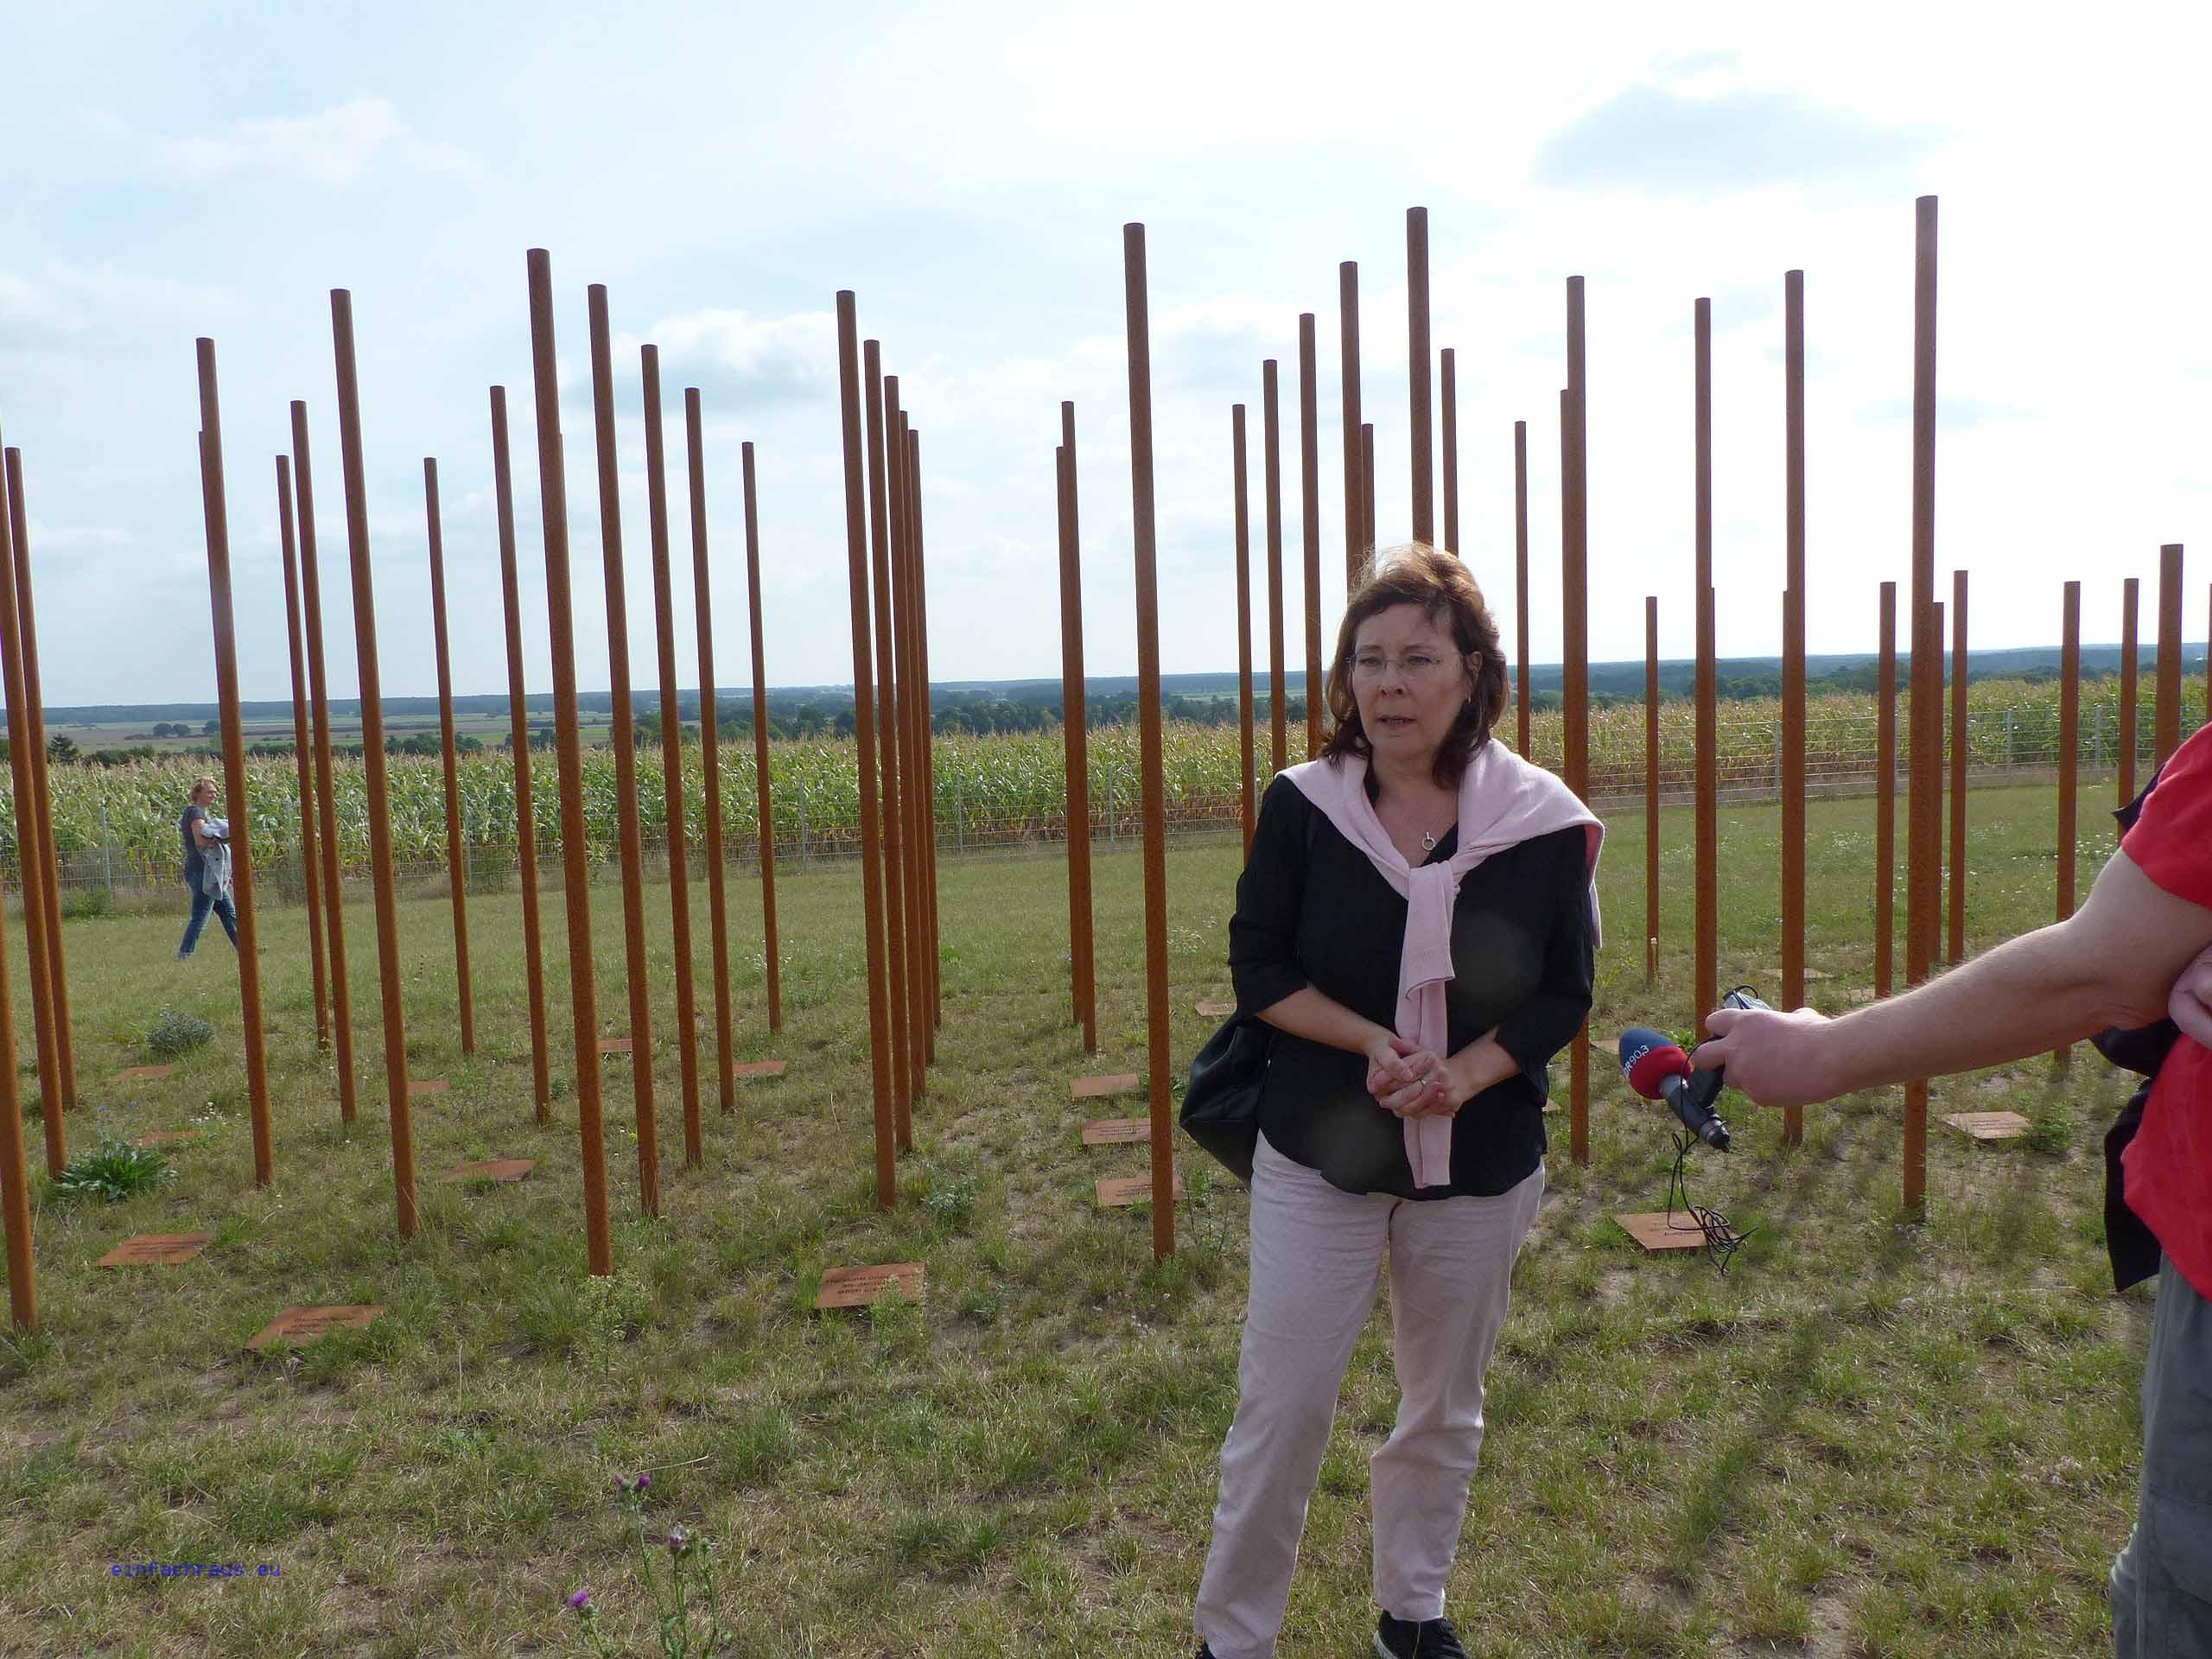 Die Archäologin Dr. Eickhoff erläutert die funde auf dem Schlachtfeld Scharfenberg/Bohnencamp